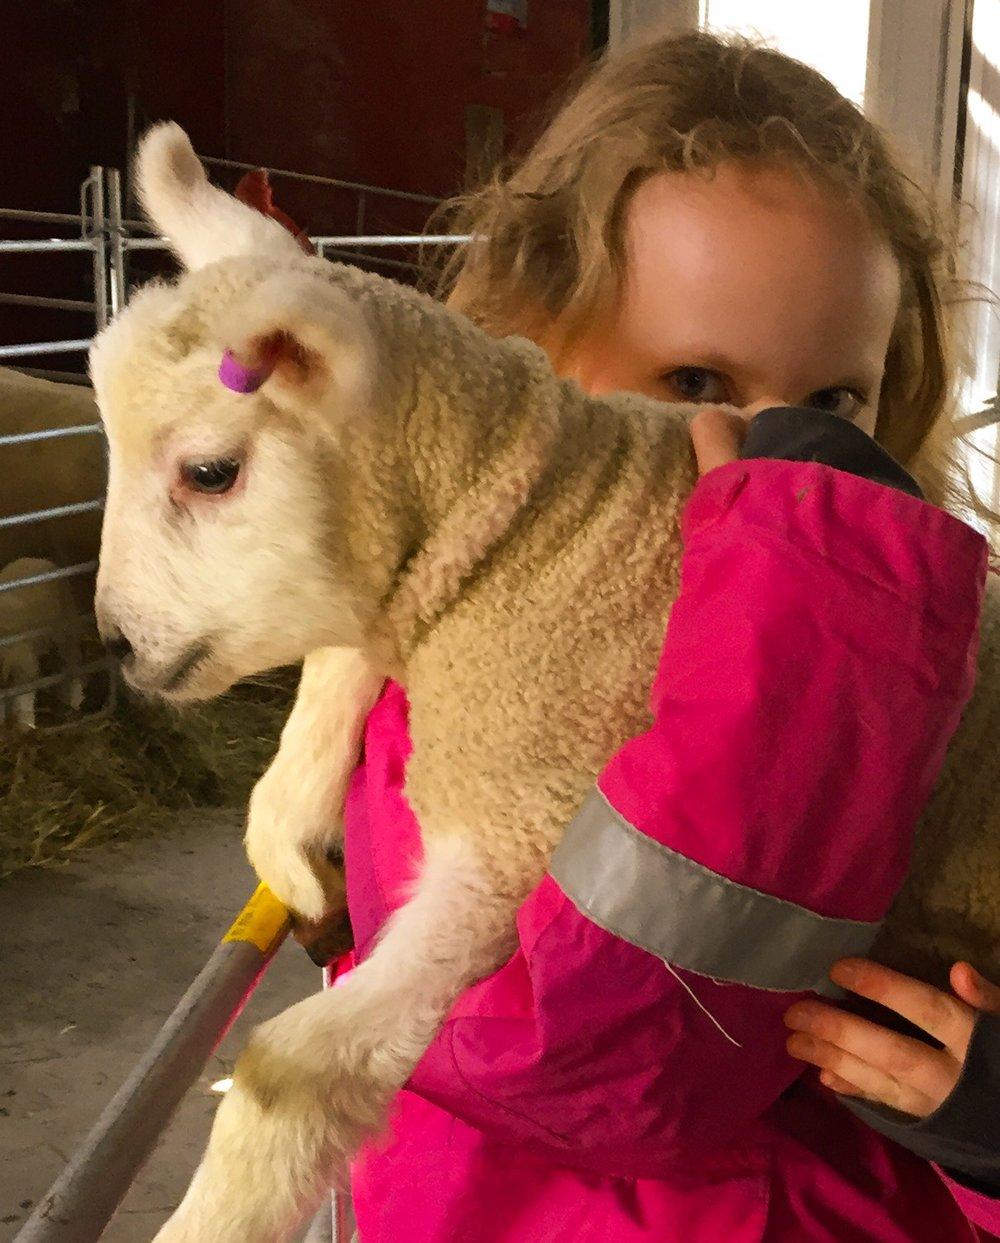 Försök mana fram sinnebilden av något riktigt kärleksfullt och fint — som till exempel ett barn som kramar ett lamm.